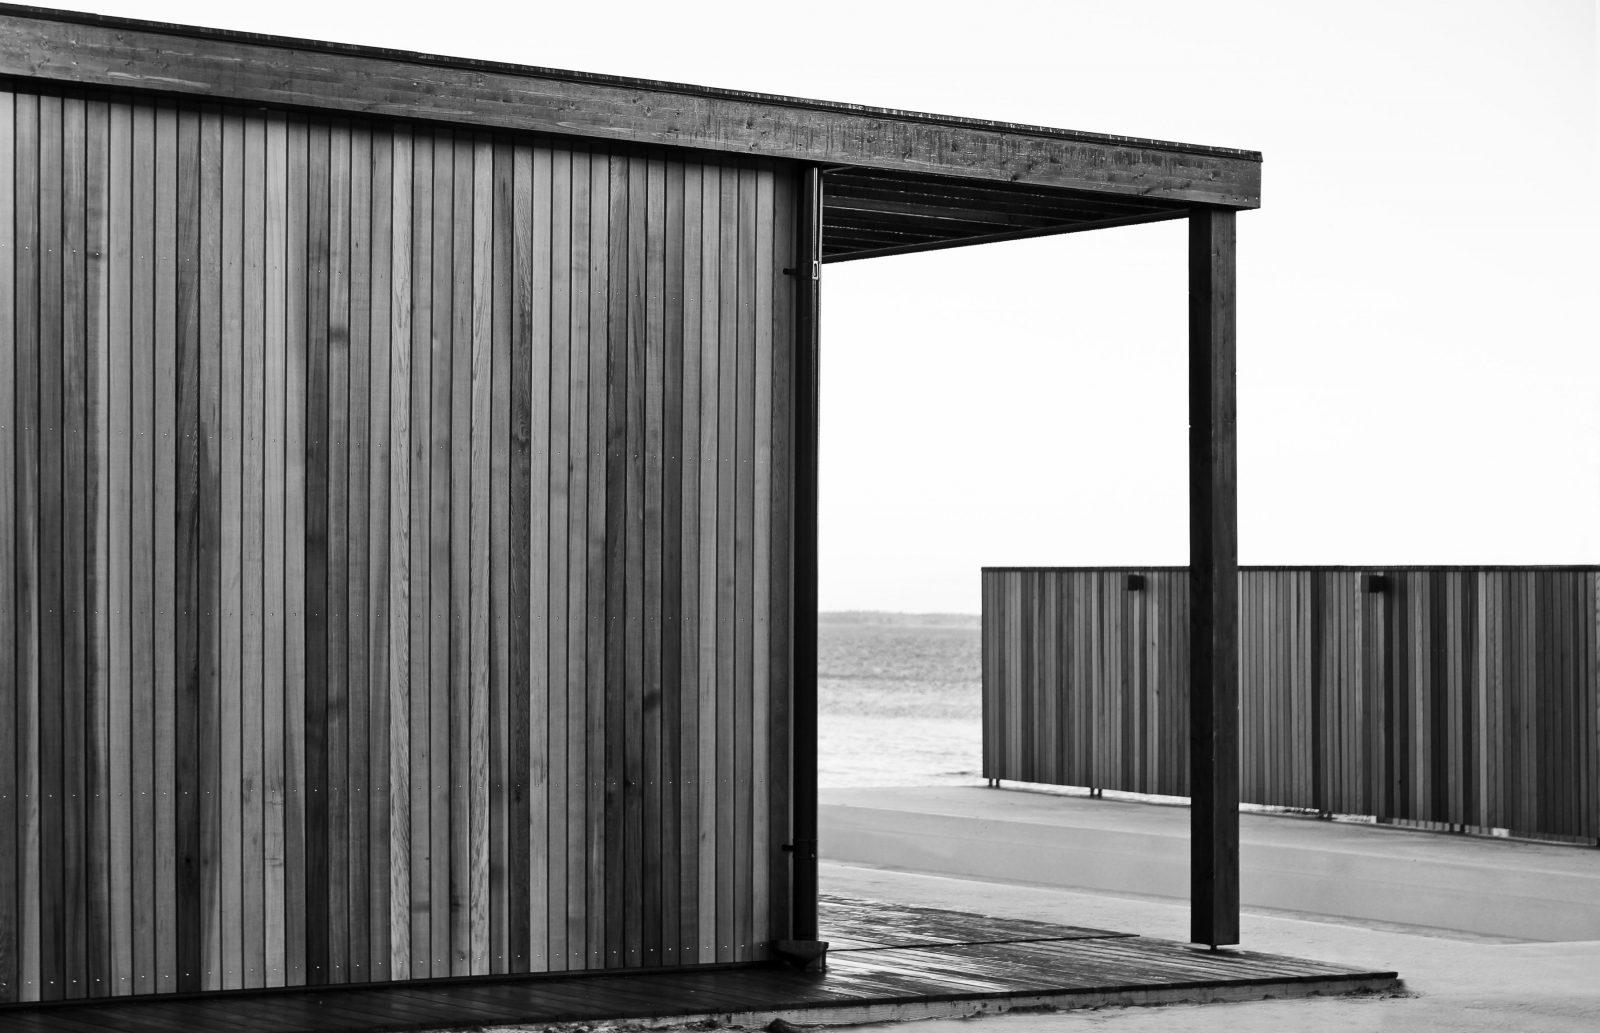 KjellanderSjoberg VillaVisuri fasad pool 3600x2324px